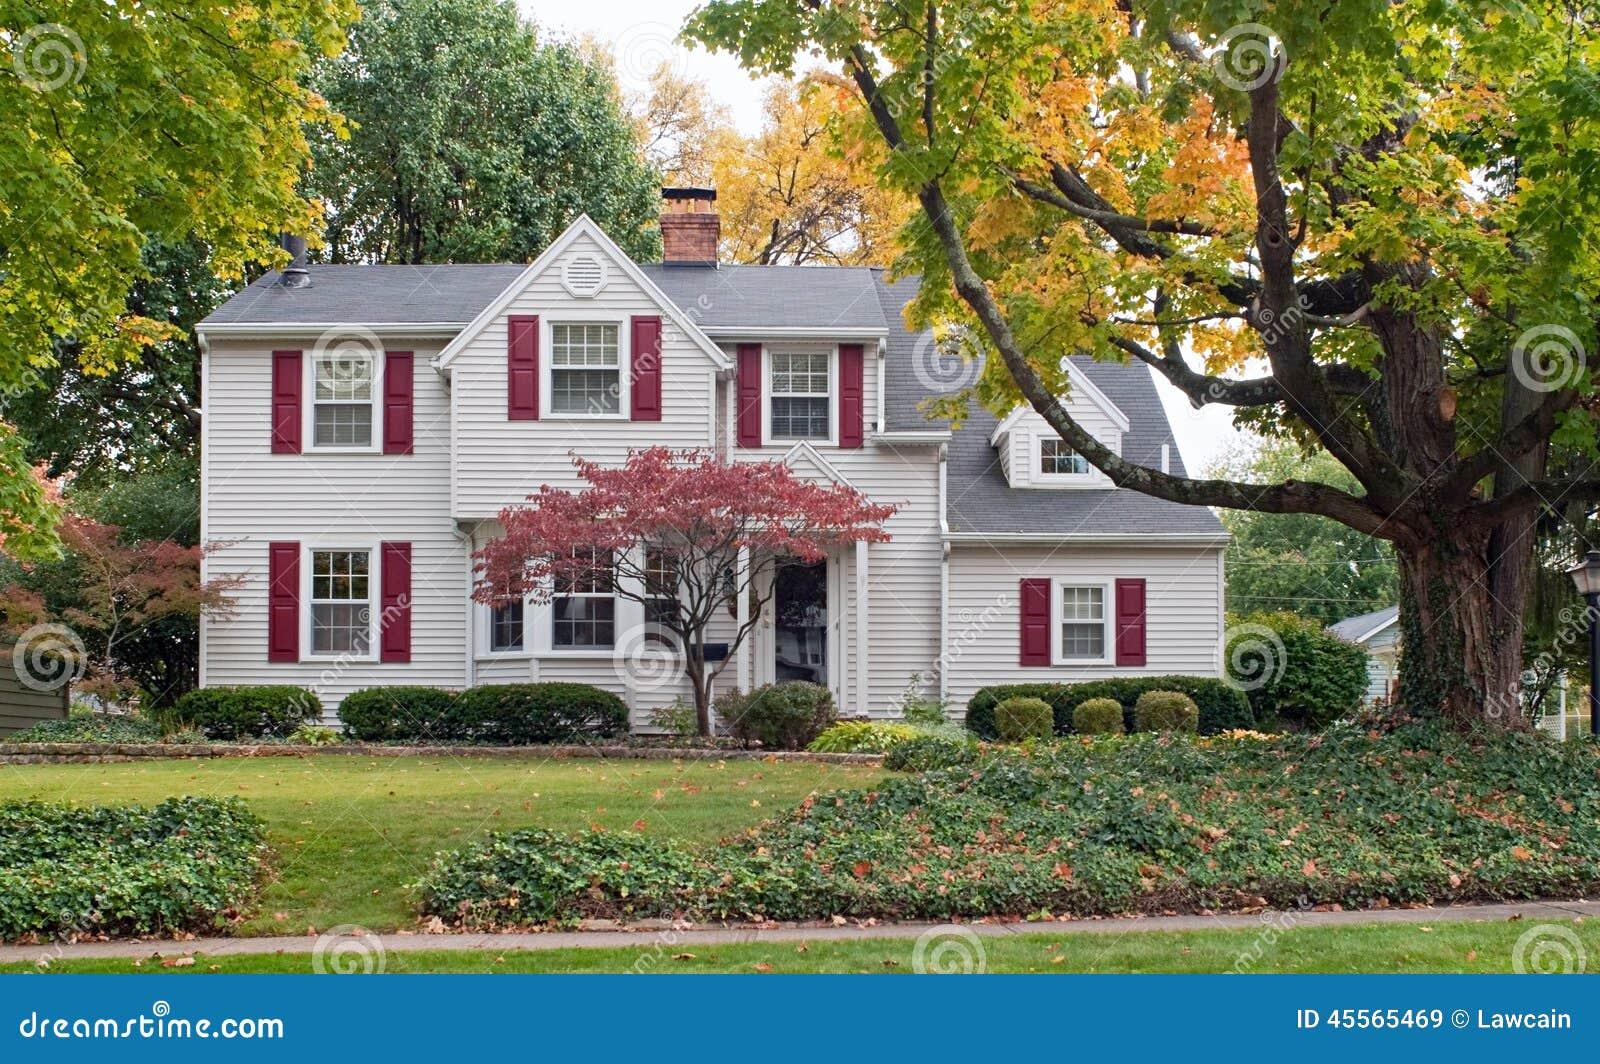 haus im fall mit roten fensterl den stockbild bild von luxus farbe 45565469. Black Bedroom Furniture Sets. Home Design Ideas